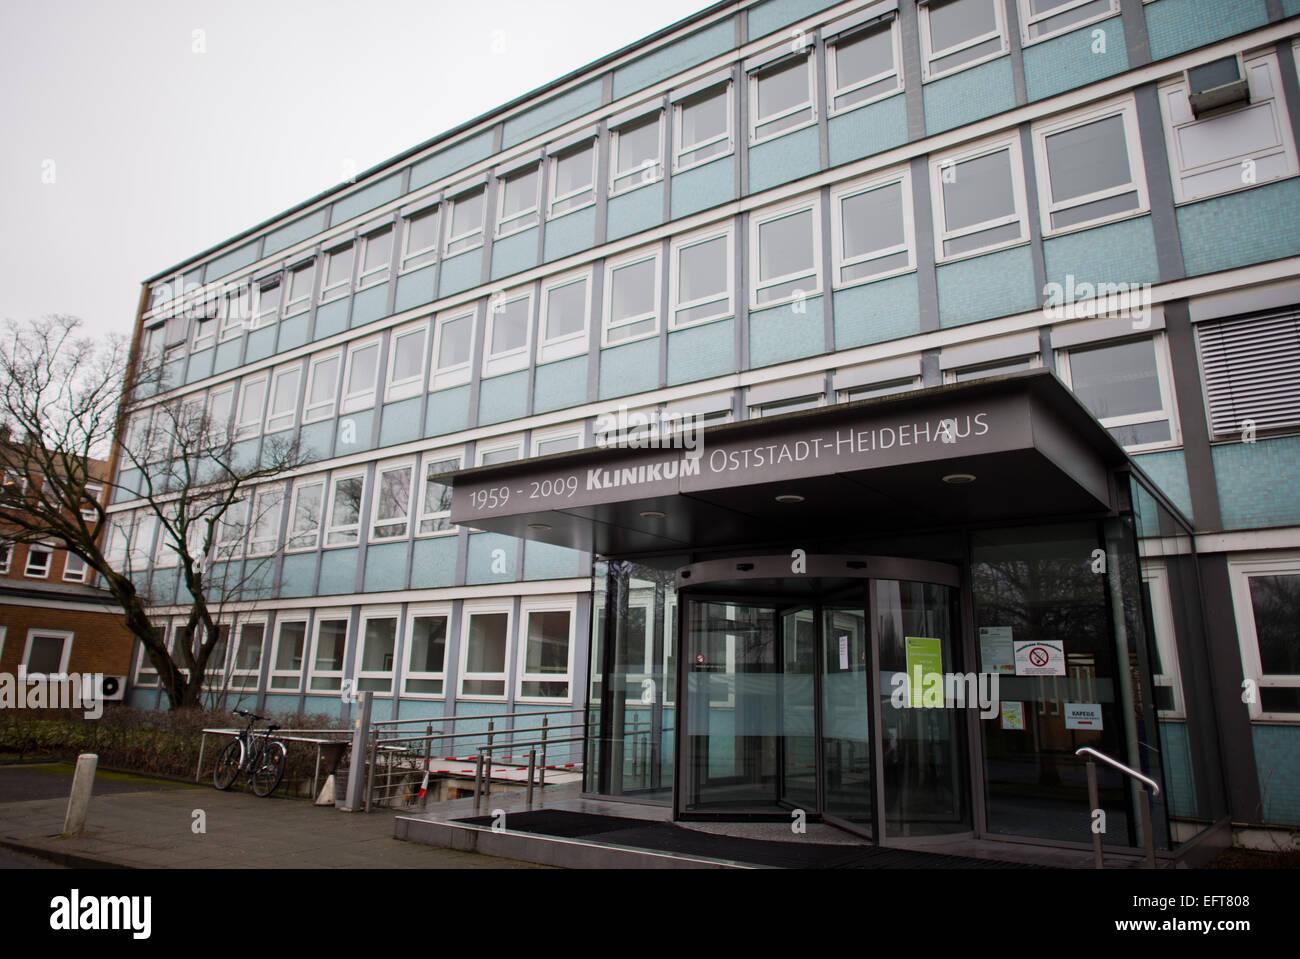 Krankenhaus Oststadt-Heidehaus Stände geschlossen in Hannover, 10. Februar 2015. Die Untersuchungen auf dem Stockbild